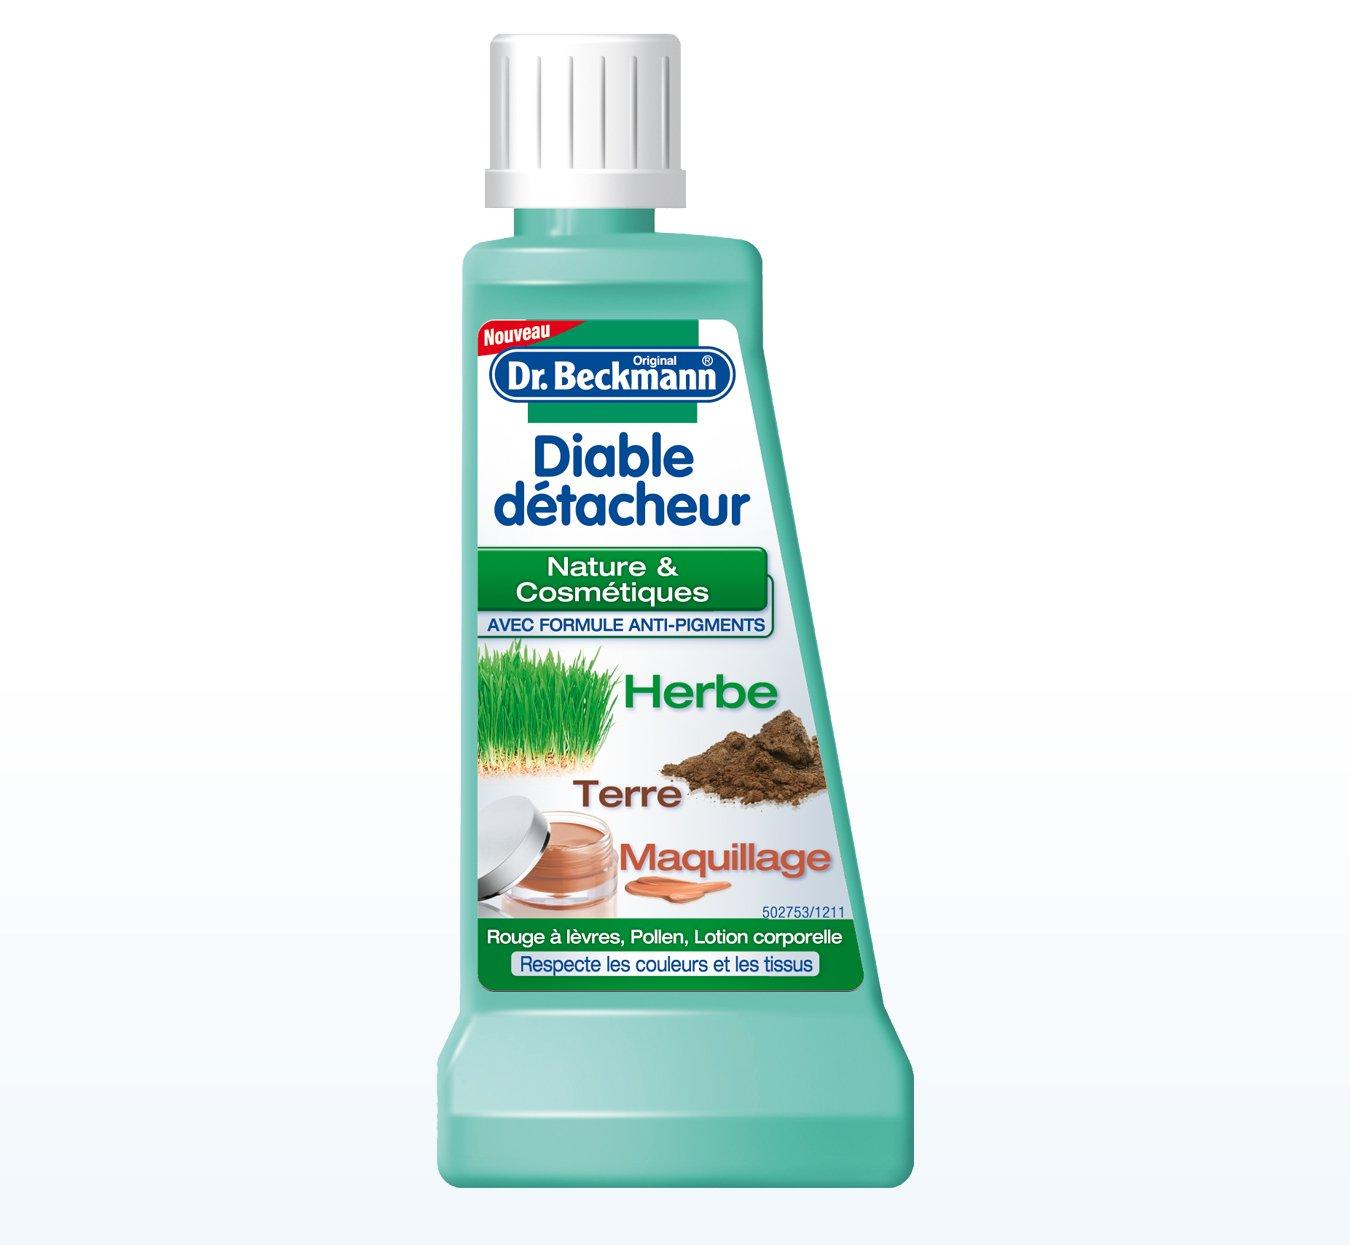 Dr.Beckmann - Carretilla dtacheur hierba/tierra/Maquillaje - 50 ml - Lote de 3: Amazon.es: Salud y cuidado personal